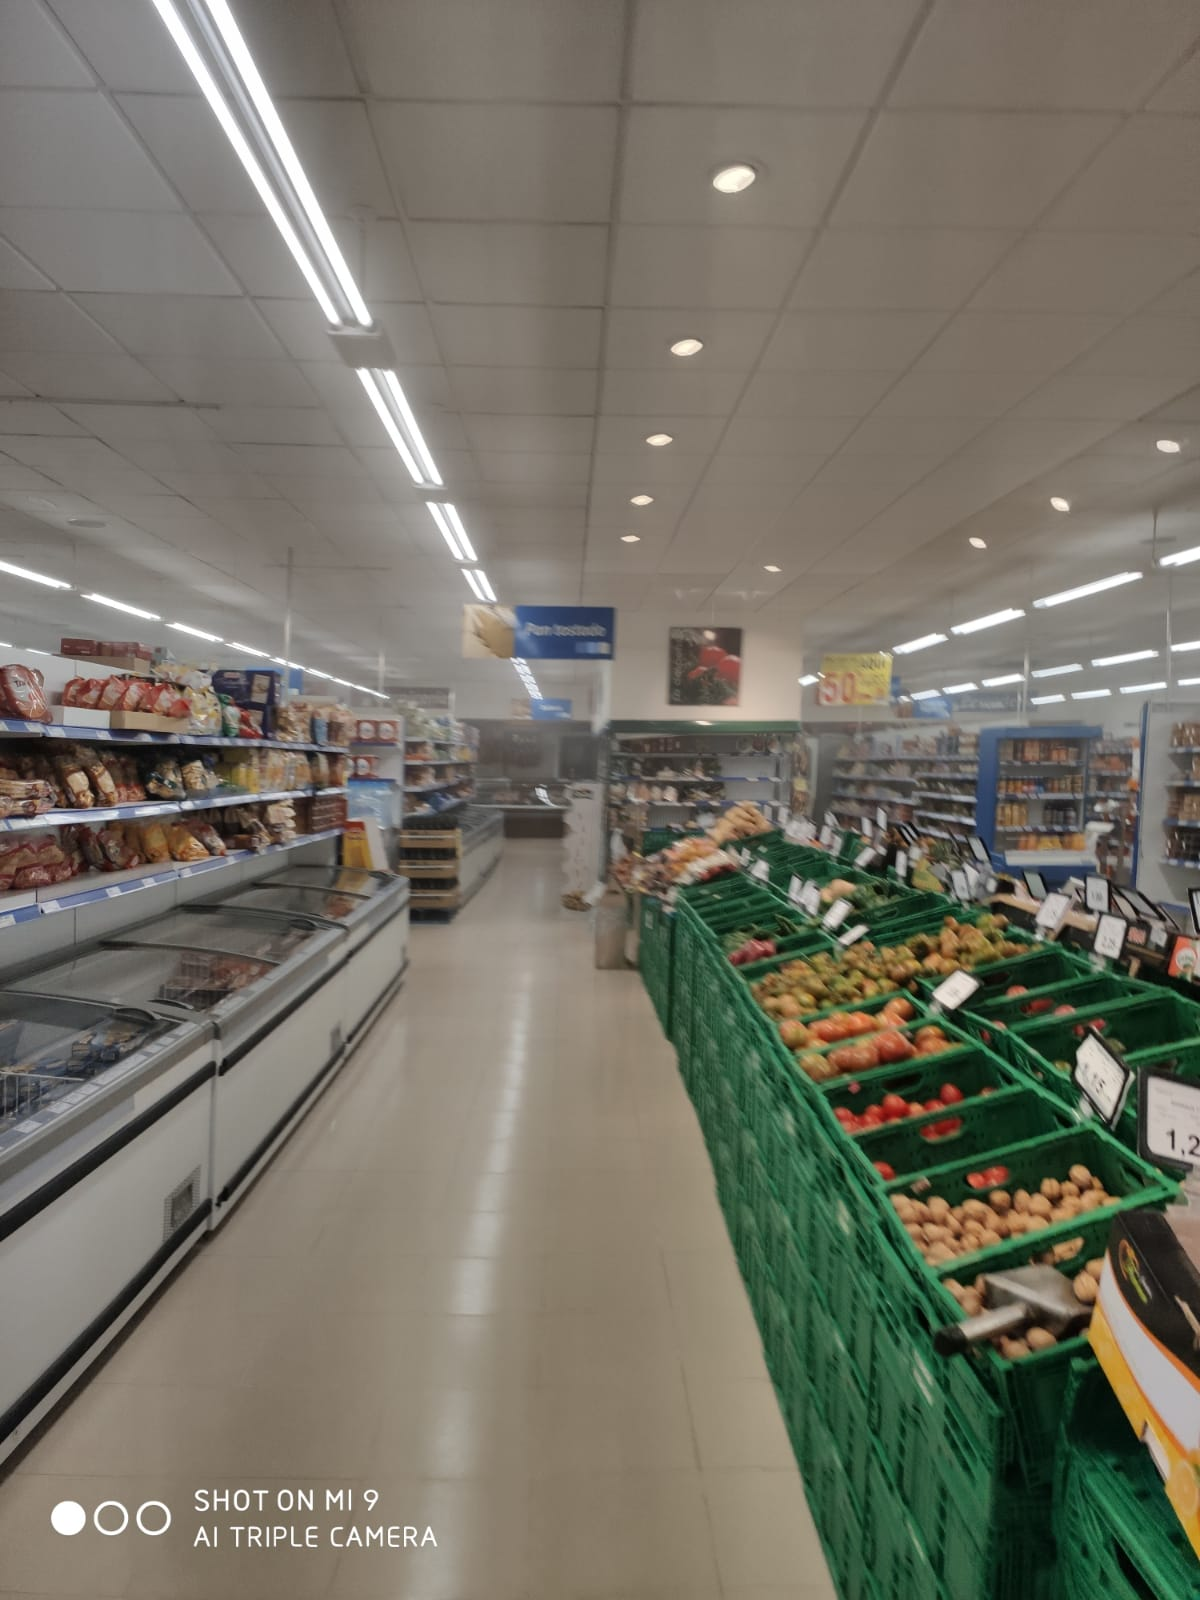 Desinfecccion coronavirus supermercado